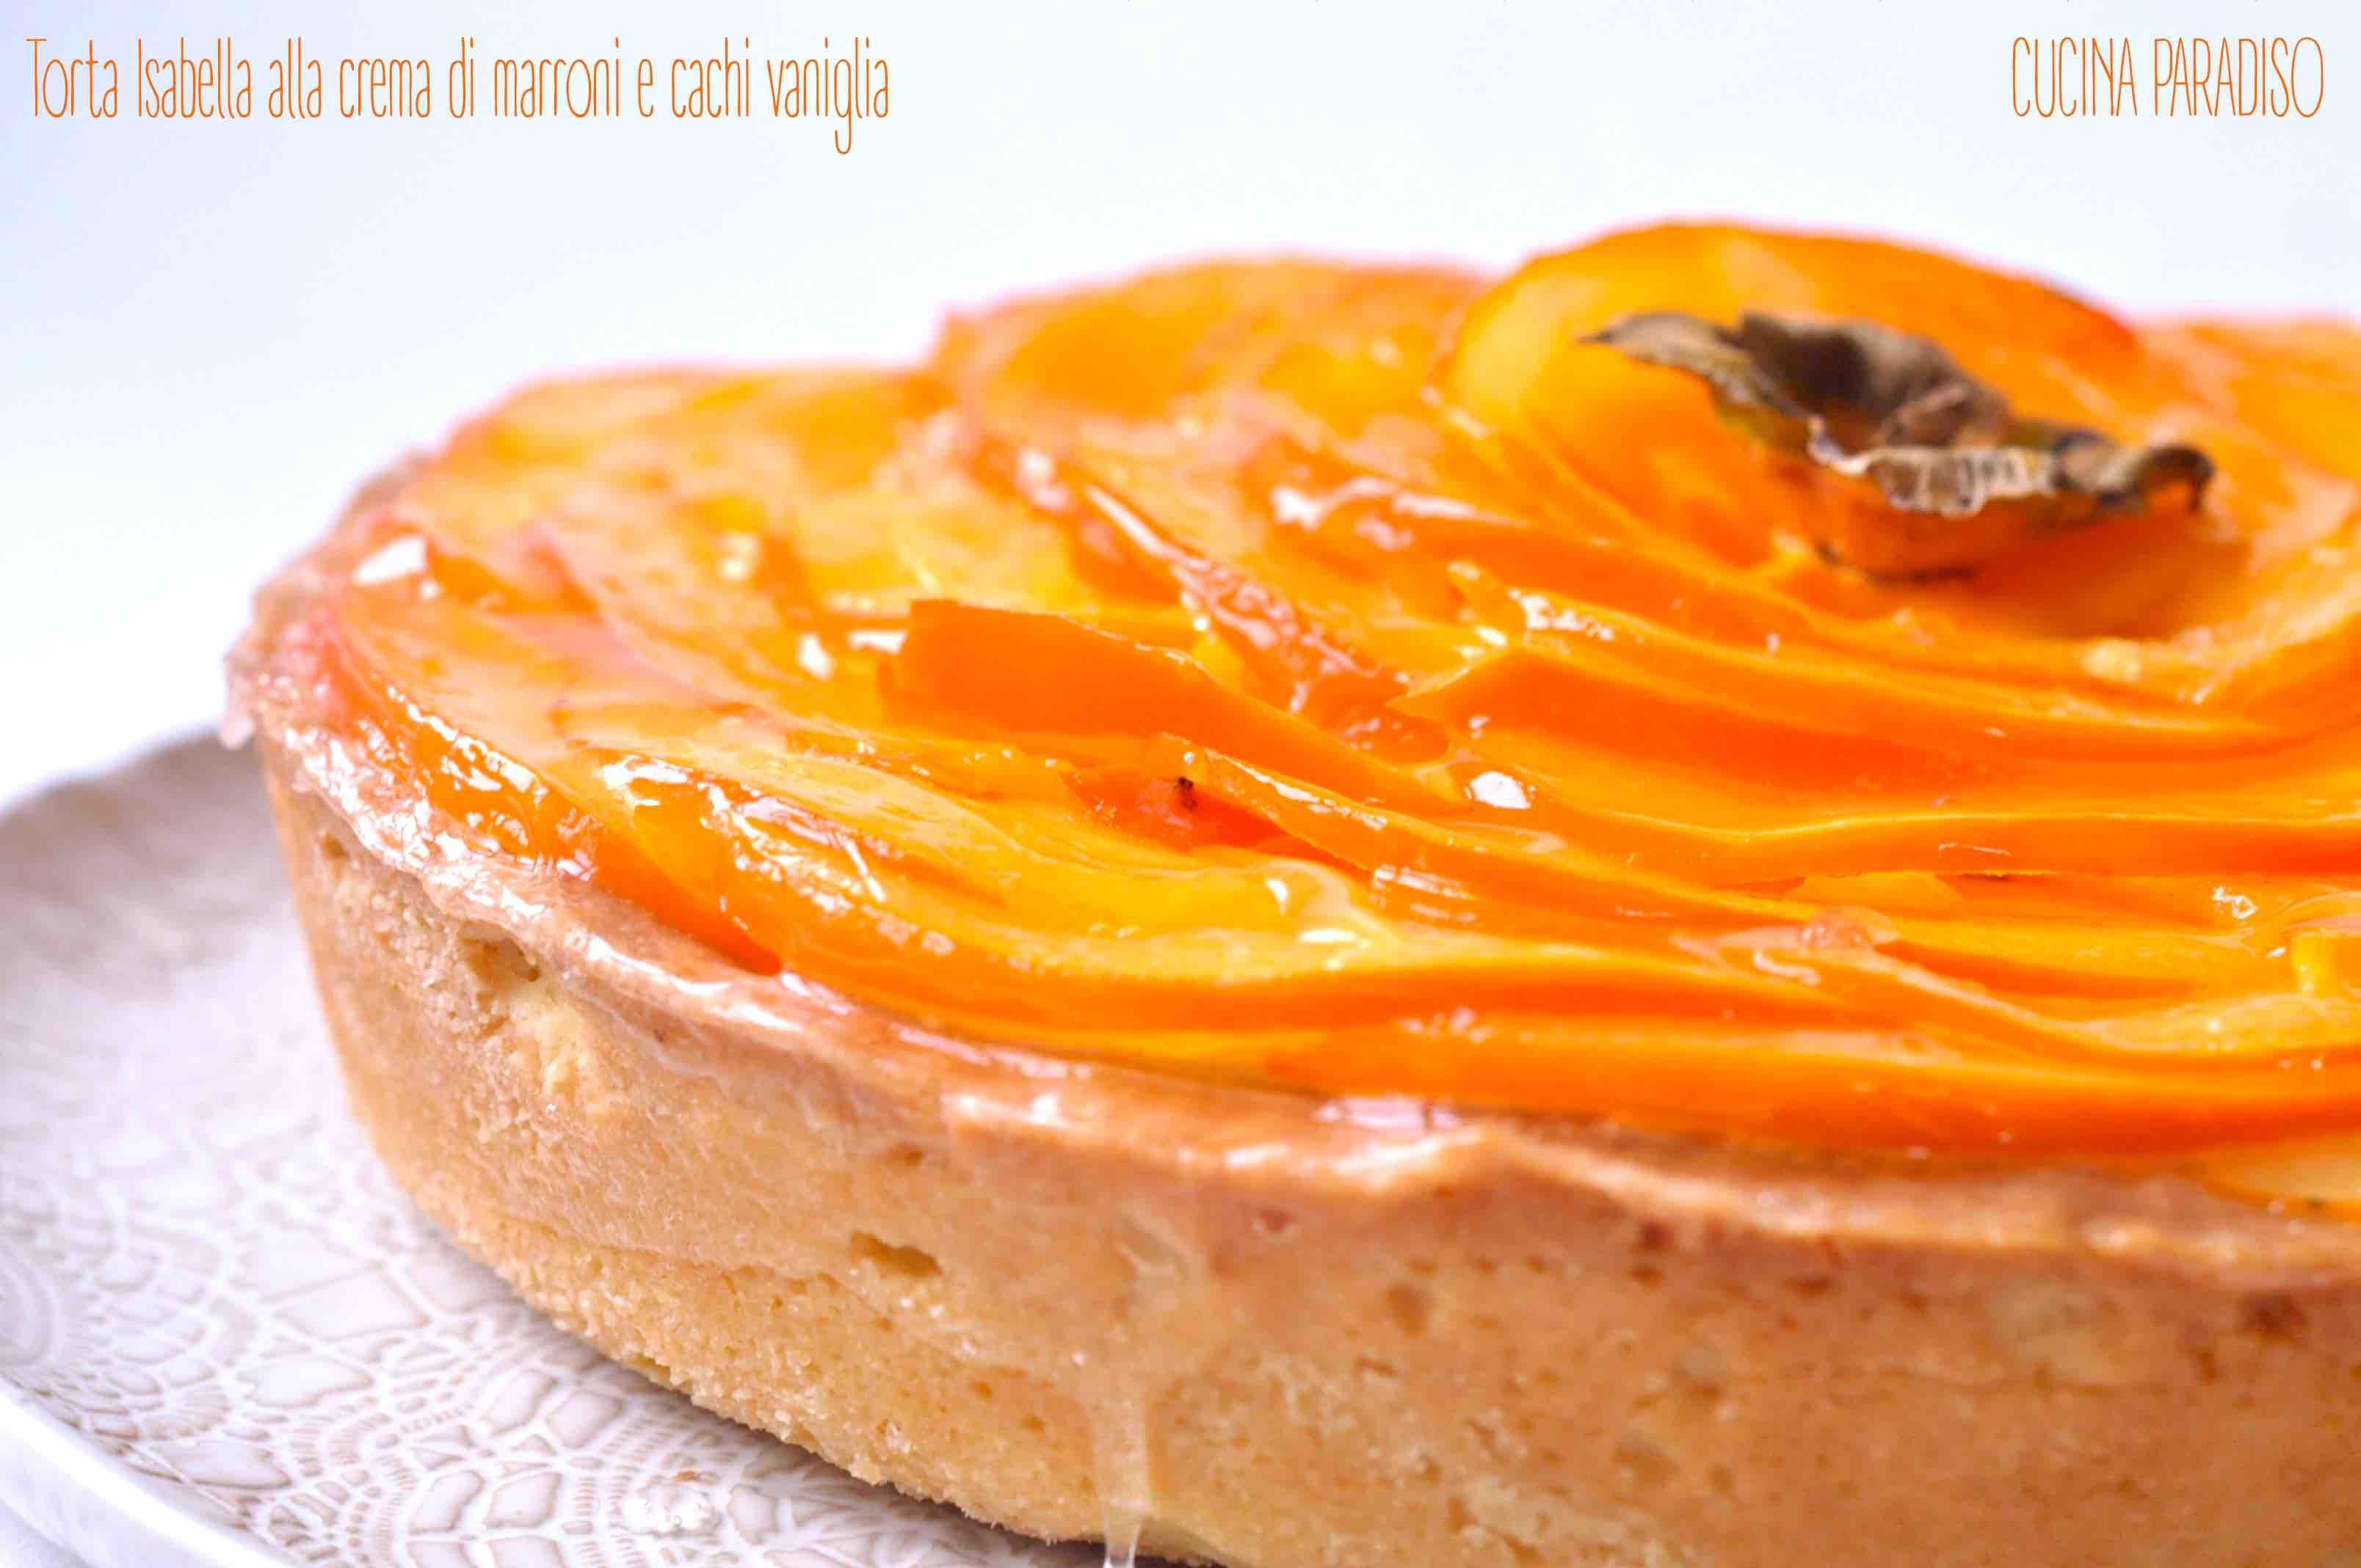 Torta Isabella alla crema di marroni e cachi vaniglia3